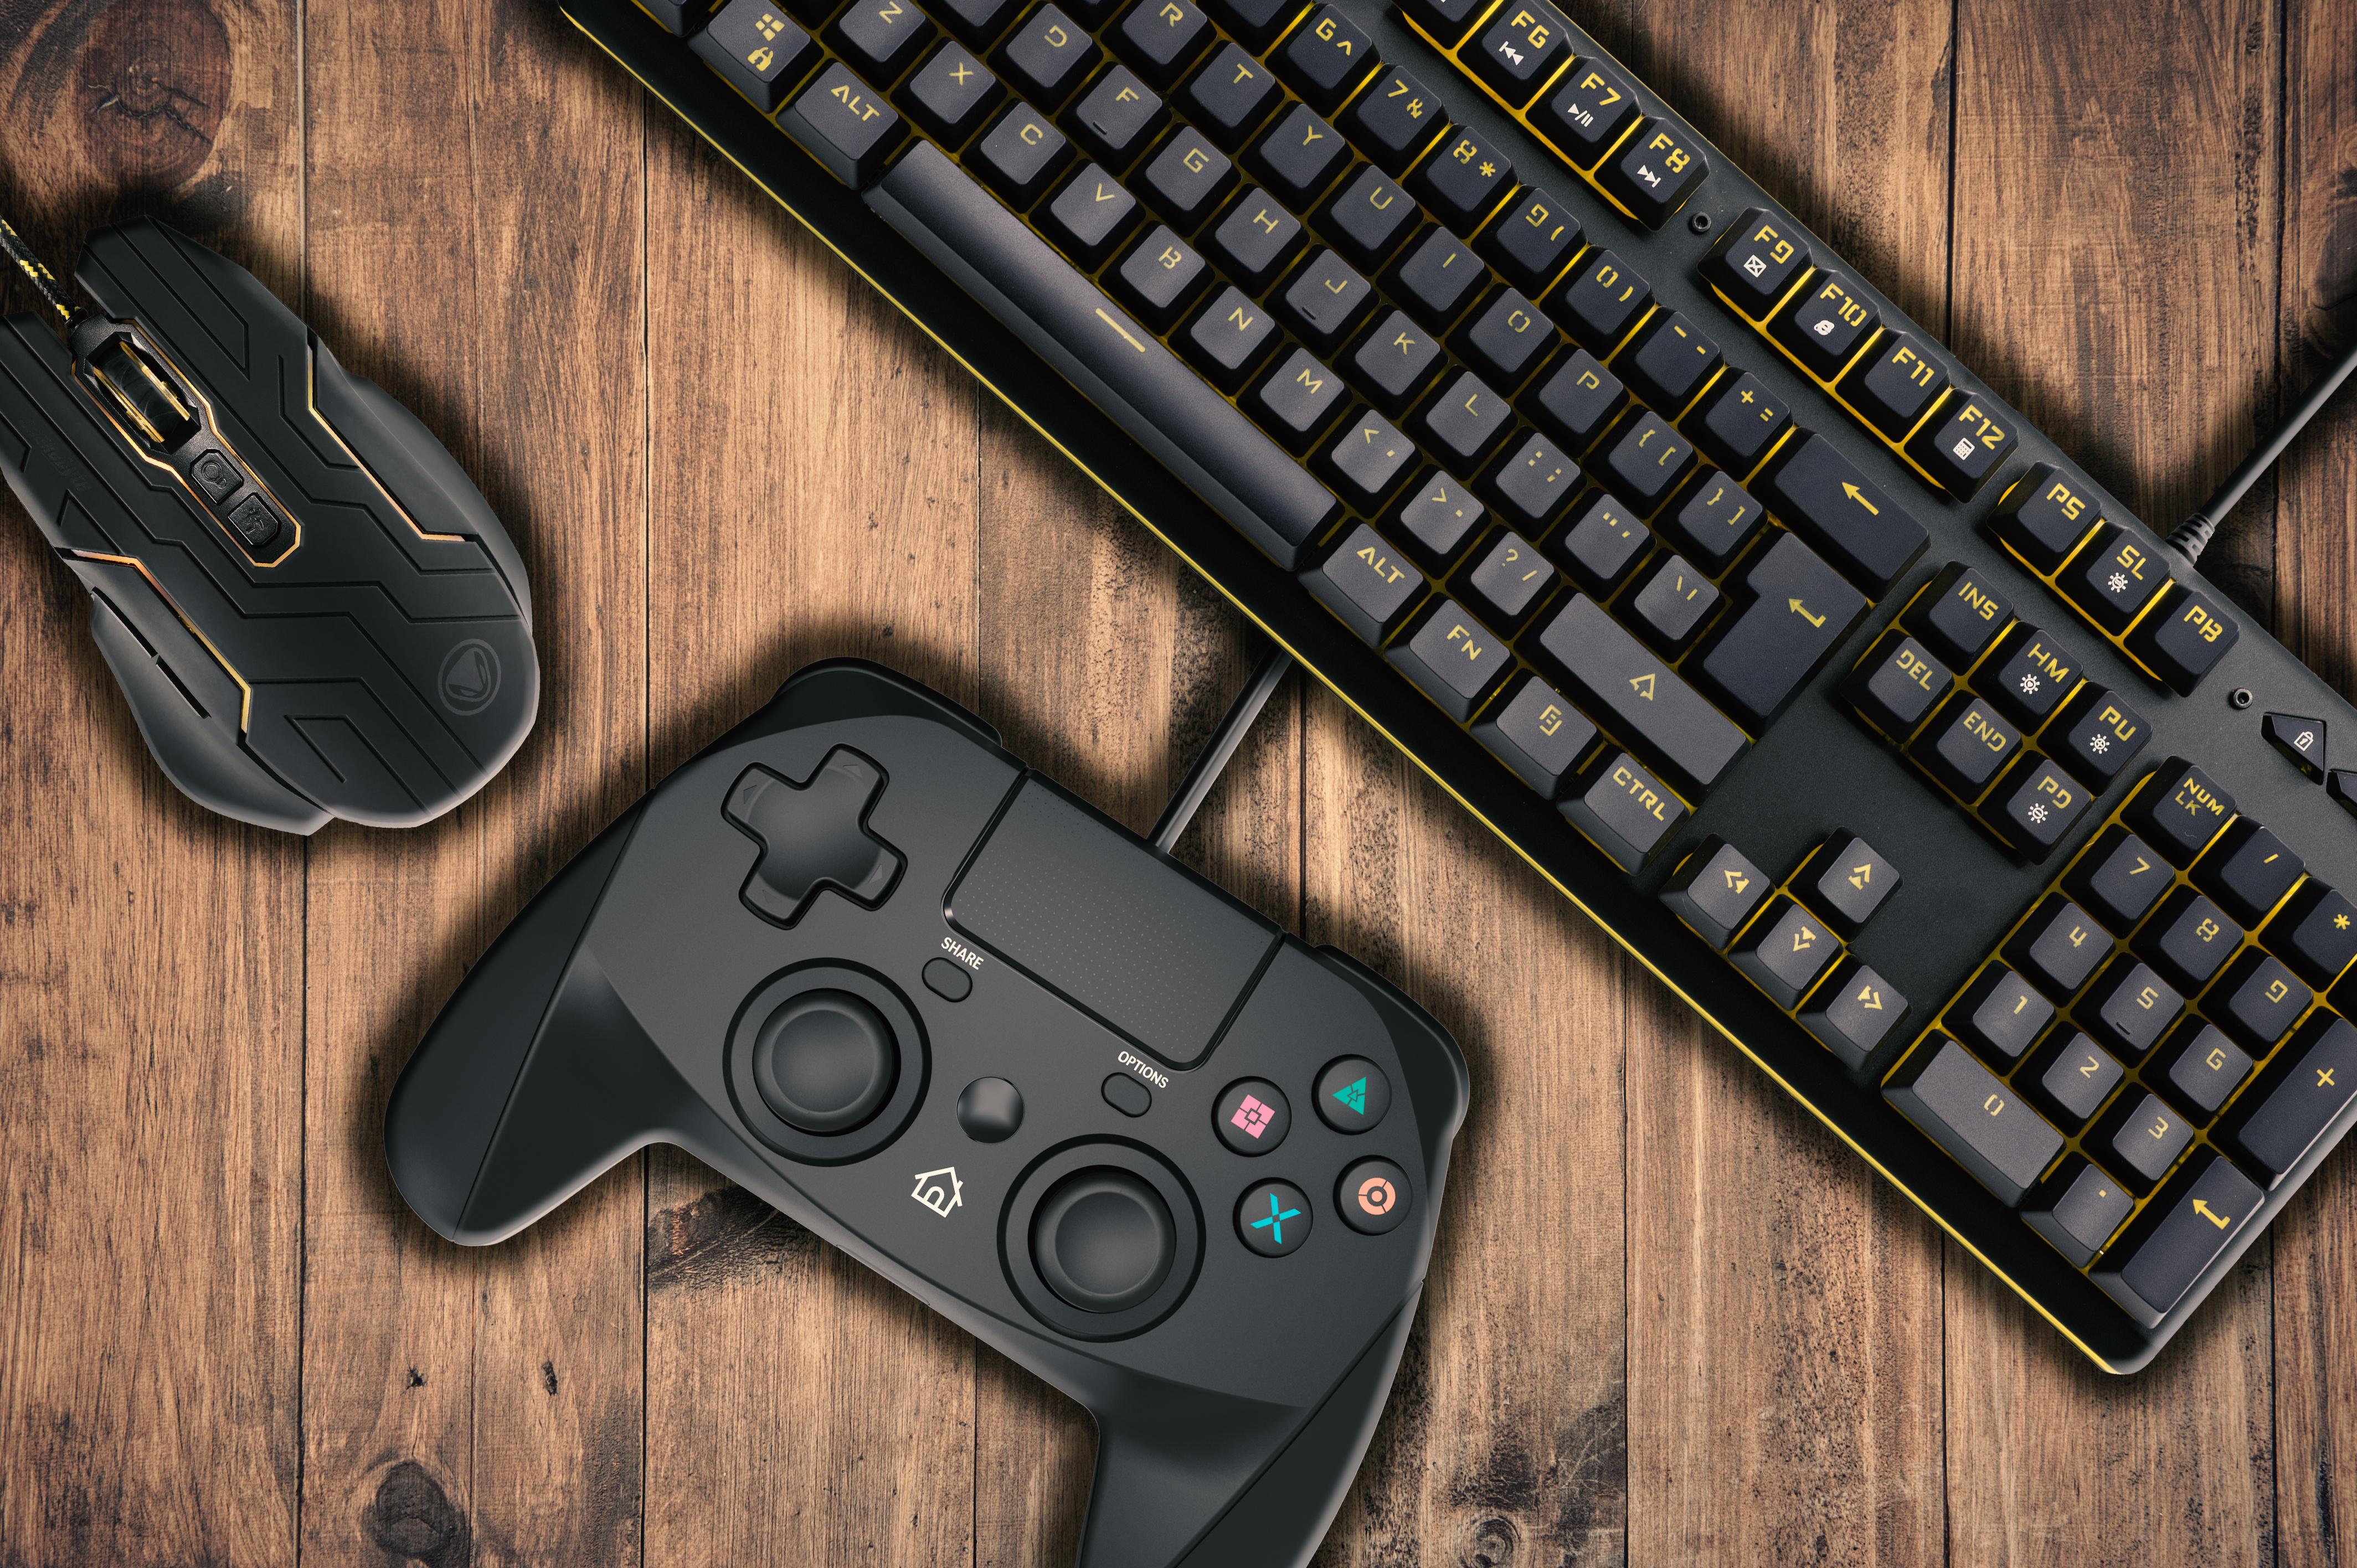 La nostra prova dei prodotti Snakebyte per il gaming su PC e Playstation 4